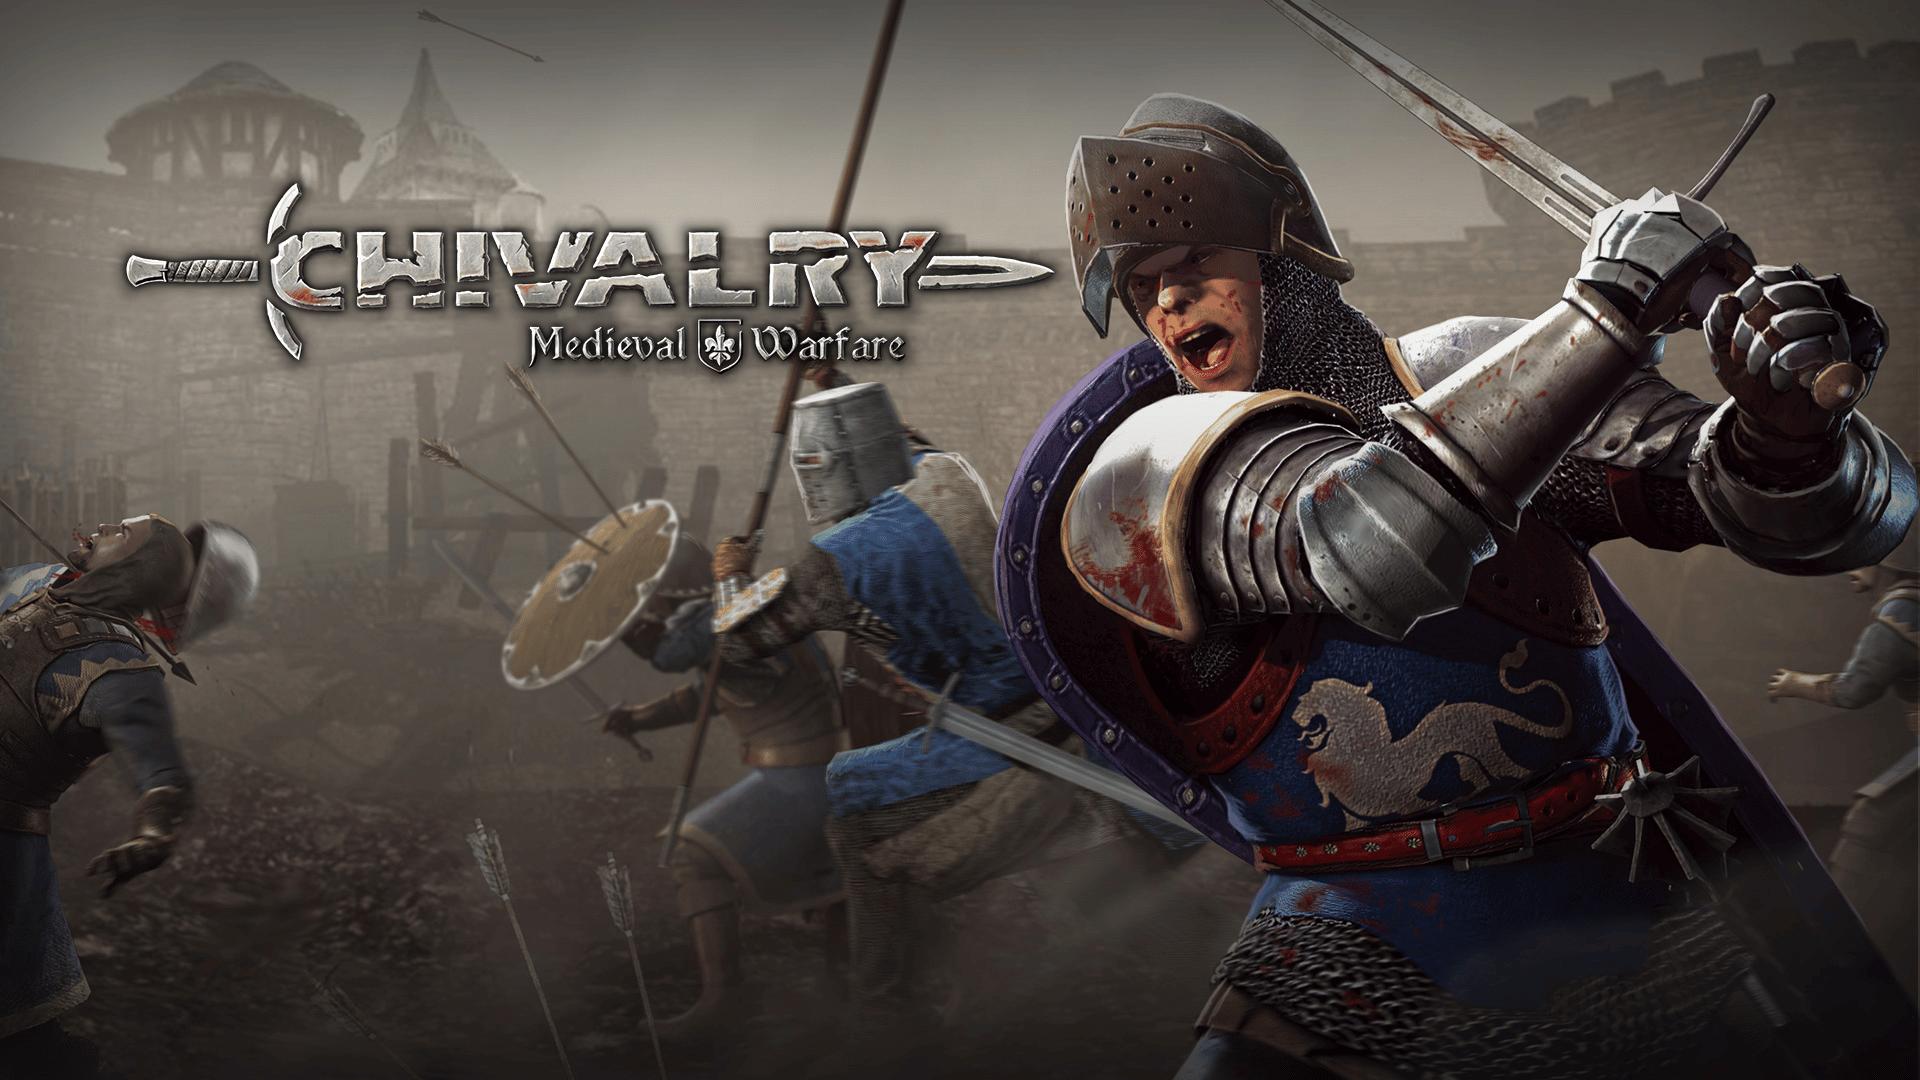 Chivalry: Medieval Warfare telecharger gratuit de PC et Torrent